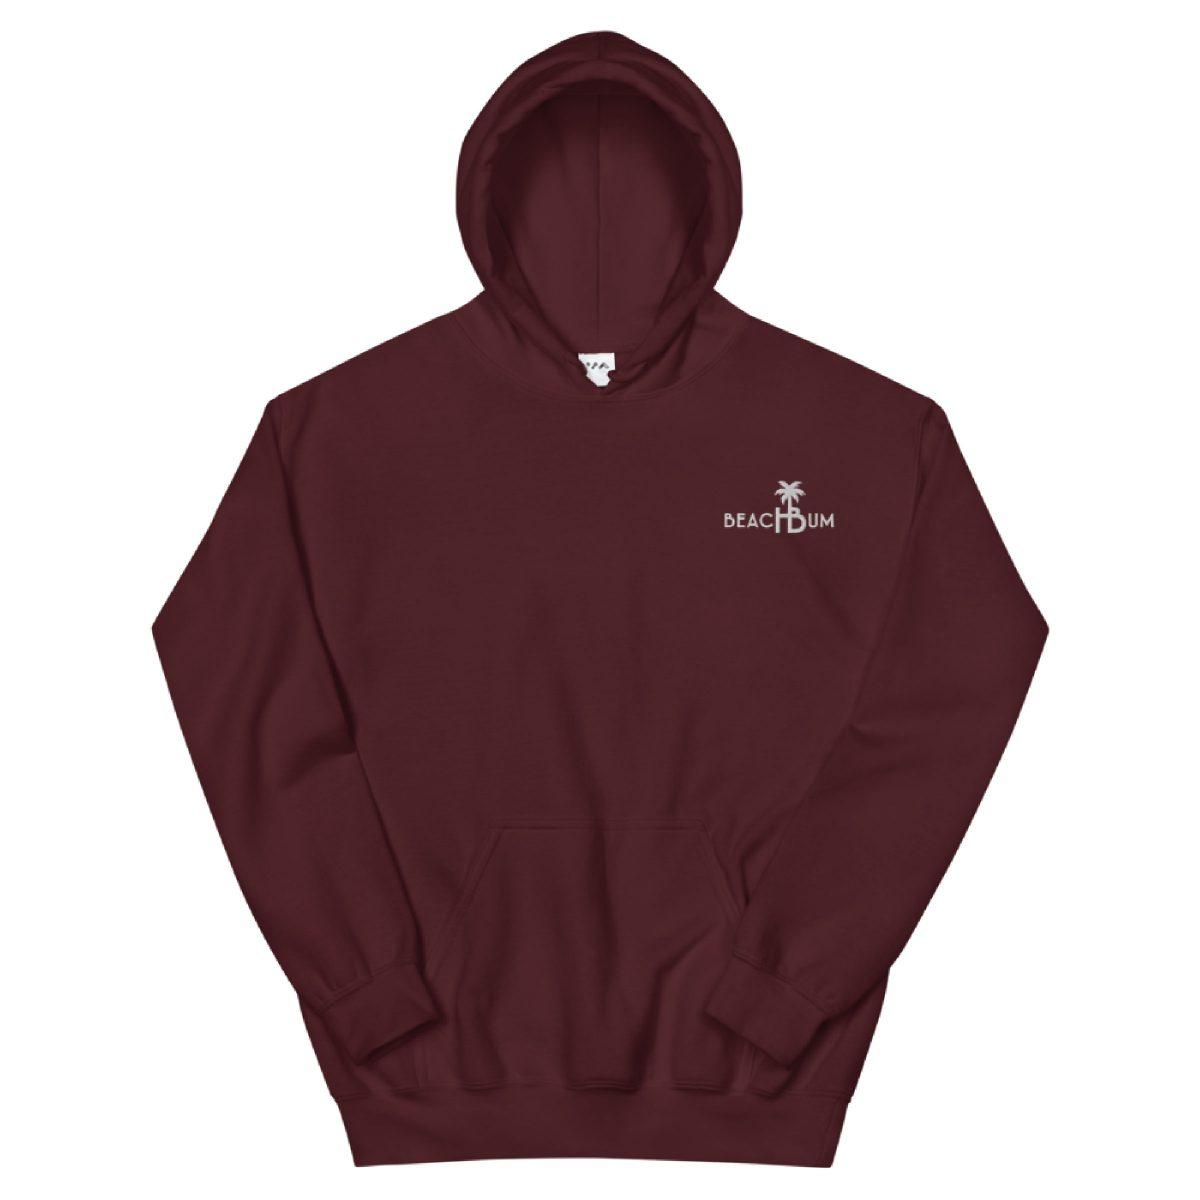 hermosa BEACH BUM hoodies by kikicutt sweatshirt store